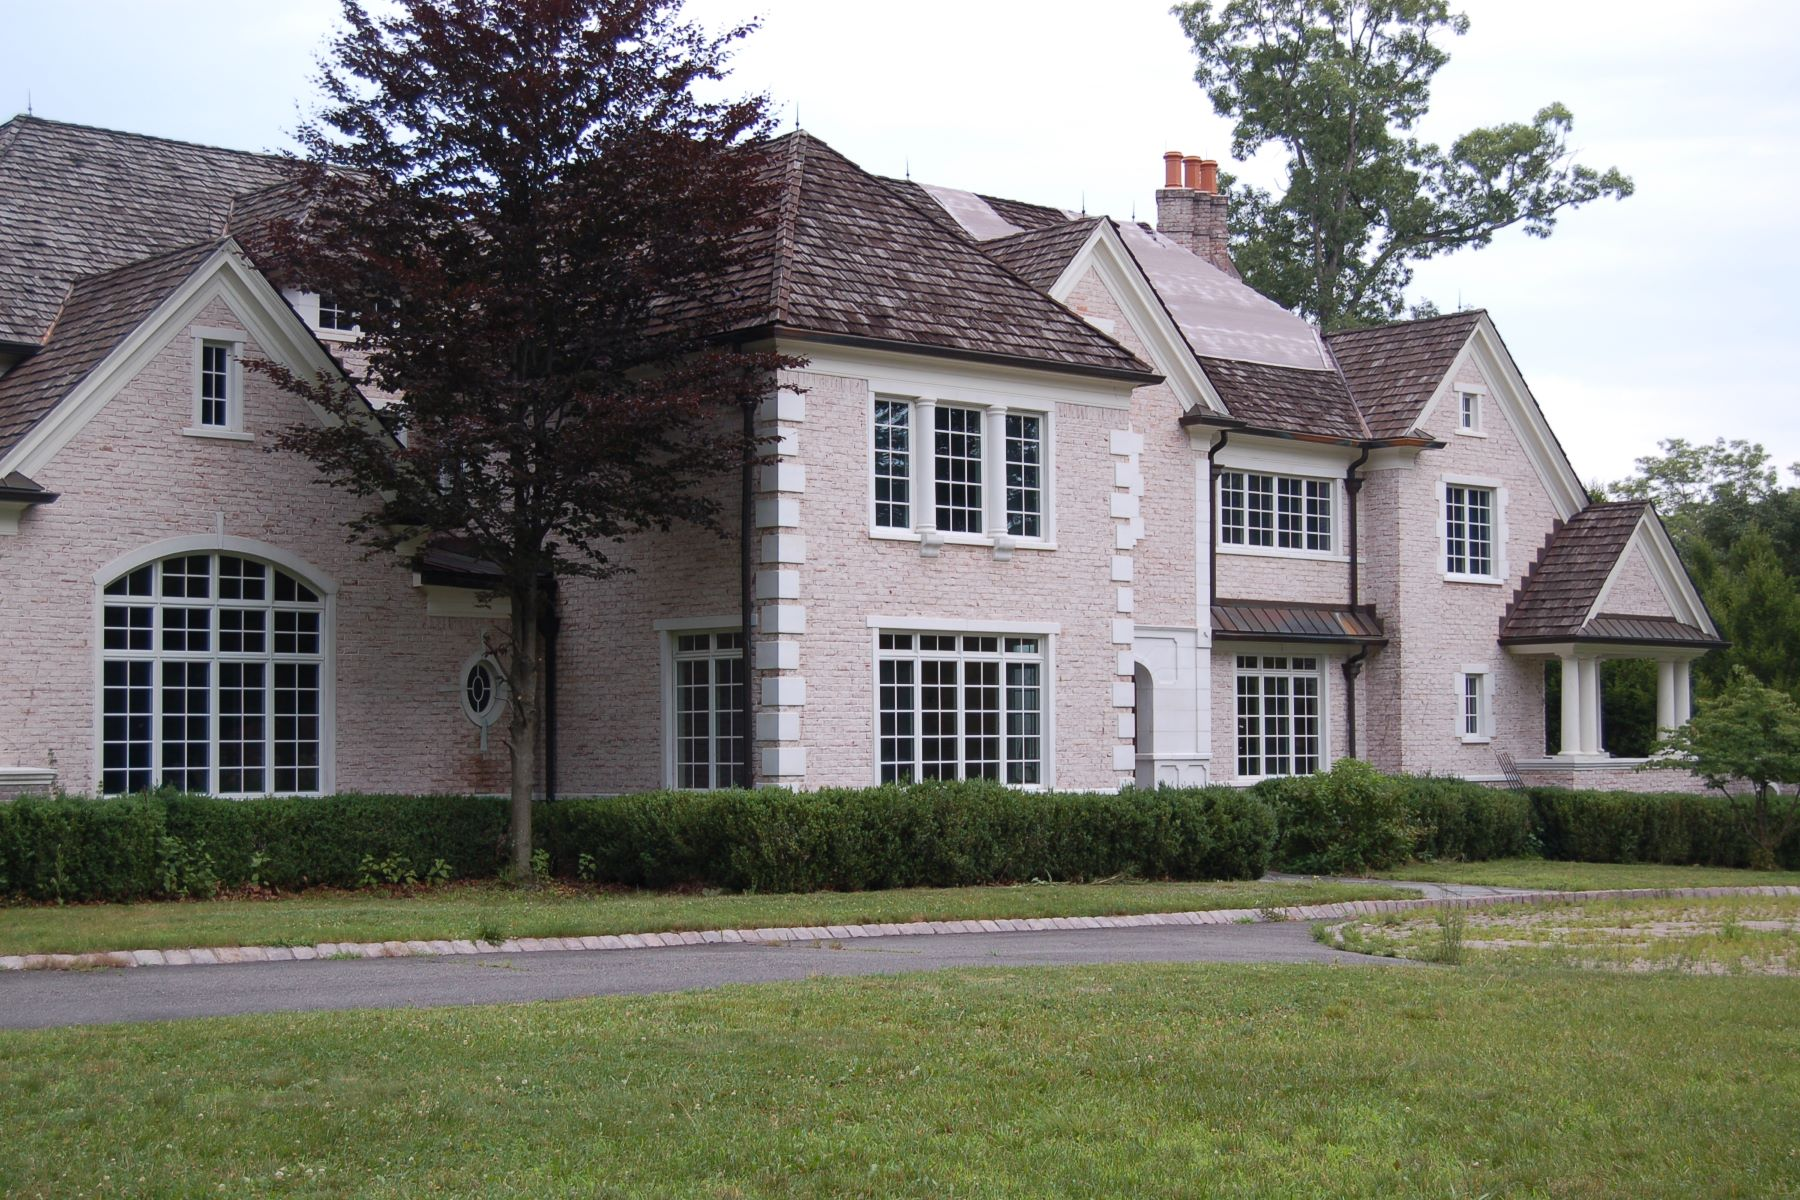 Maison unifamiliale pour l Vente à Custom Estate Home 3 Kensington Court Mendham Township, New Jersey, 07945 États-Unis